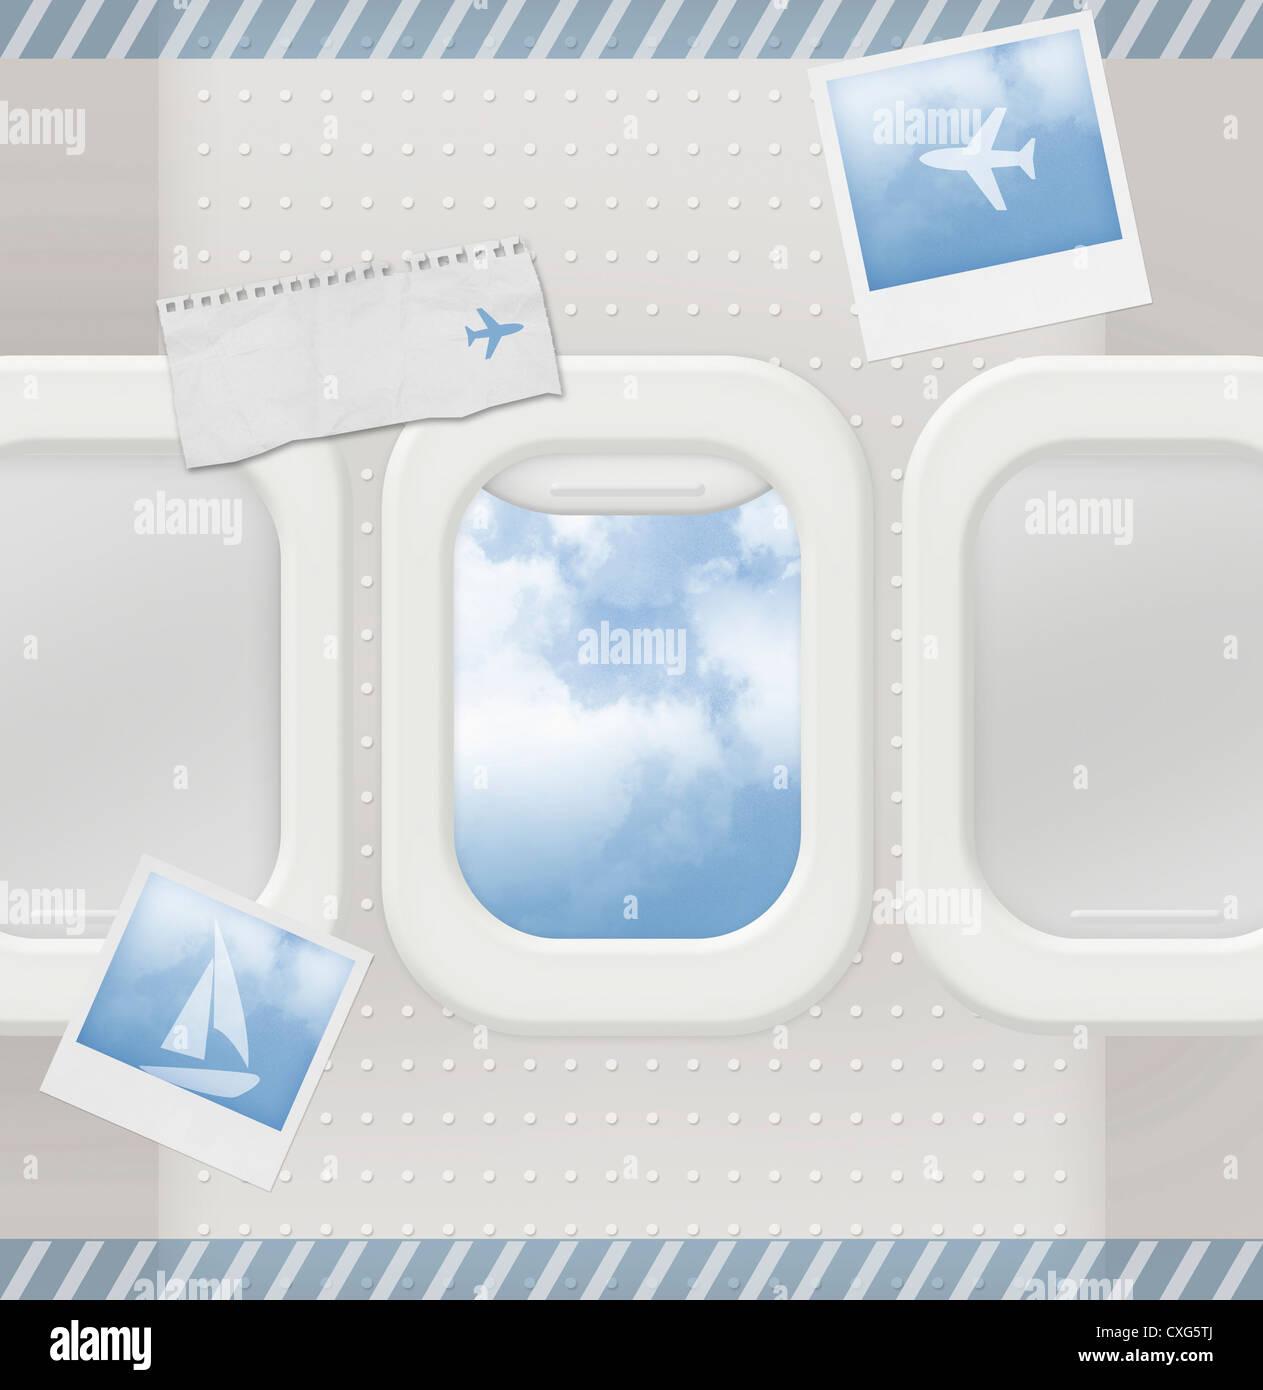 Tolle Rechnertemplat Ideen - Beispiel Business Lebenslauf Ideen ...